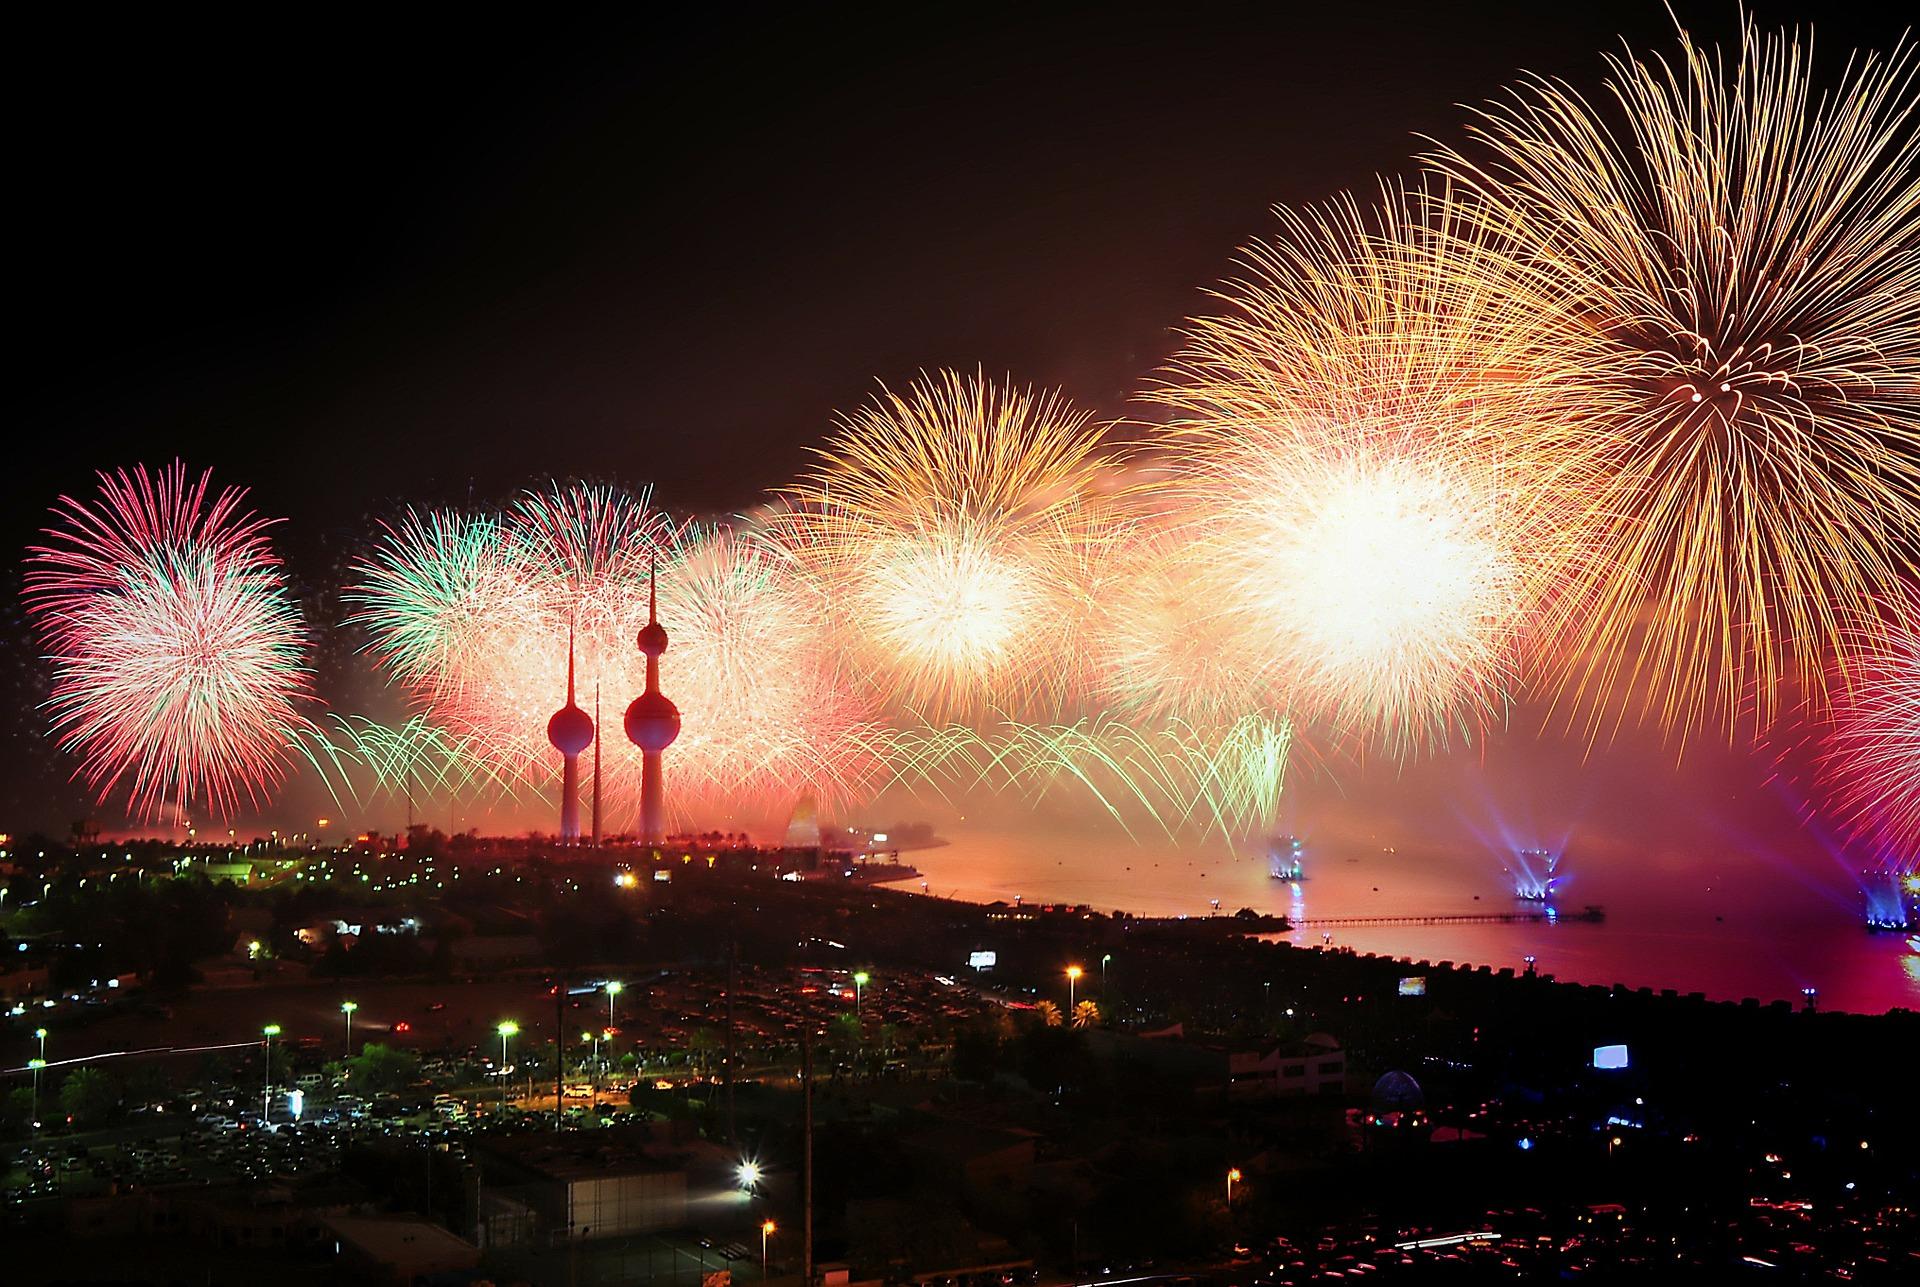 新年のご挨拶:2019年は変化の年【新元号・増税に伴う婚活】